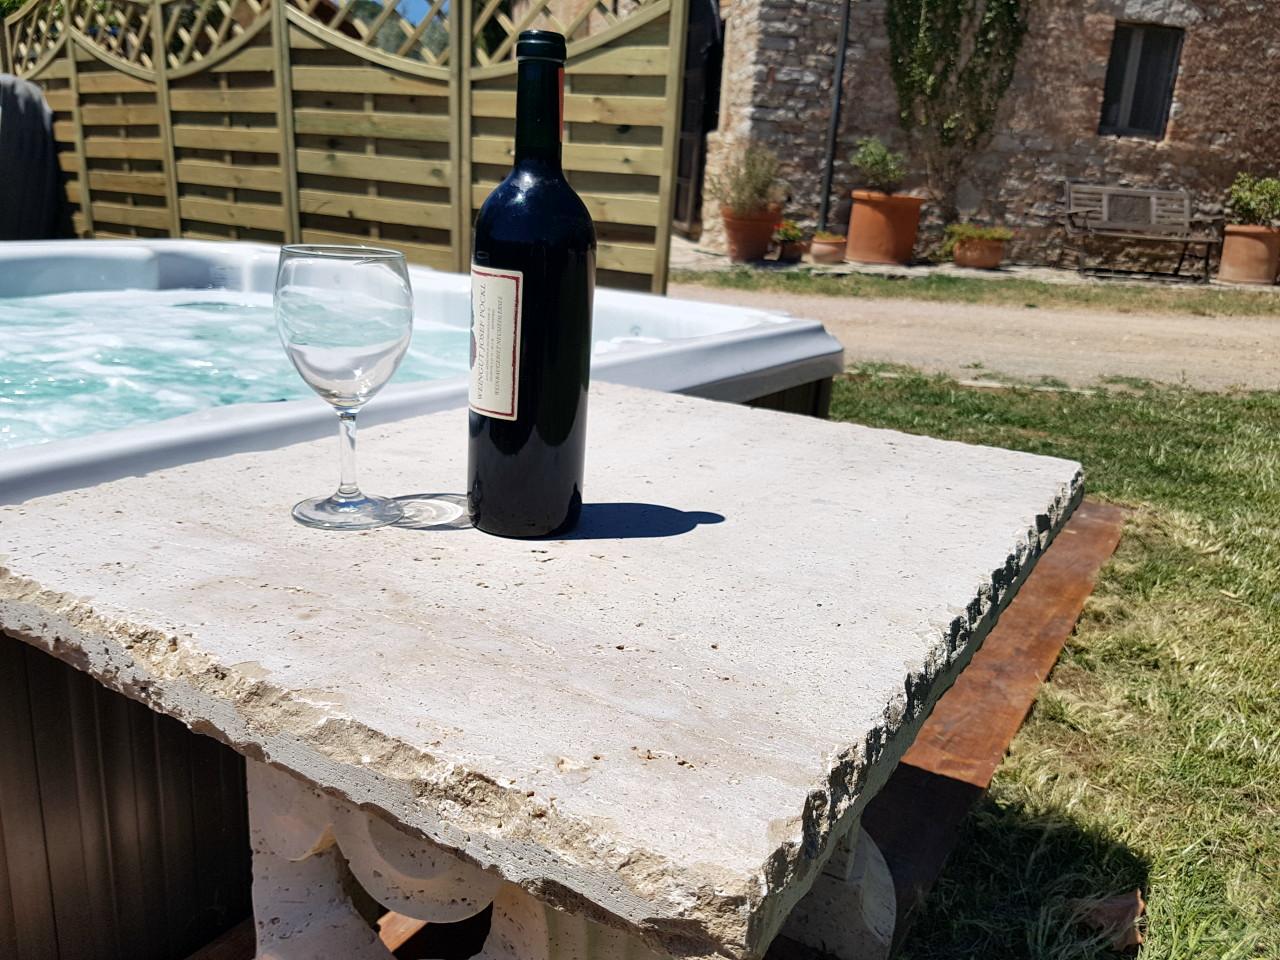 Bagno rilassante jacuzzi piccozzo agritour - Bagno rilassante ...